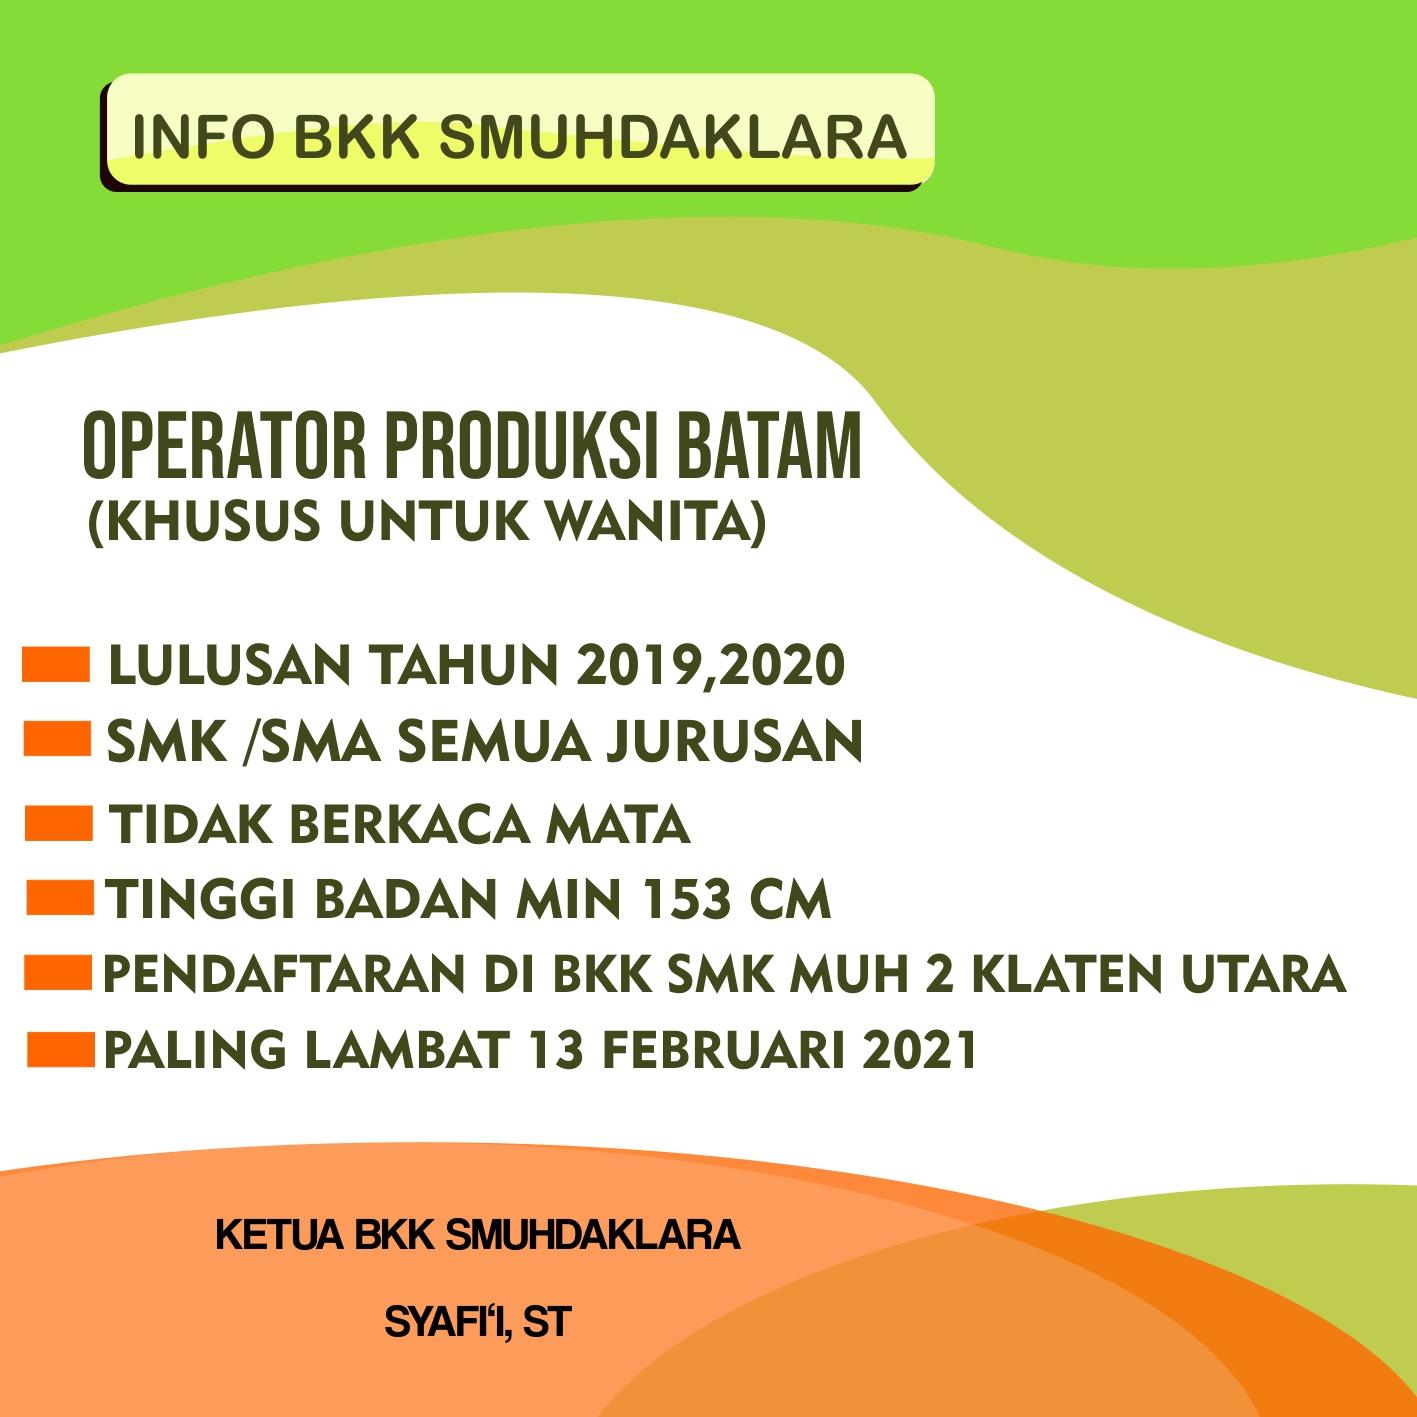 Lowongan Kerja Operator Produksi Batam